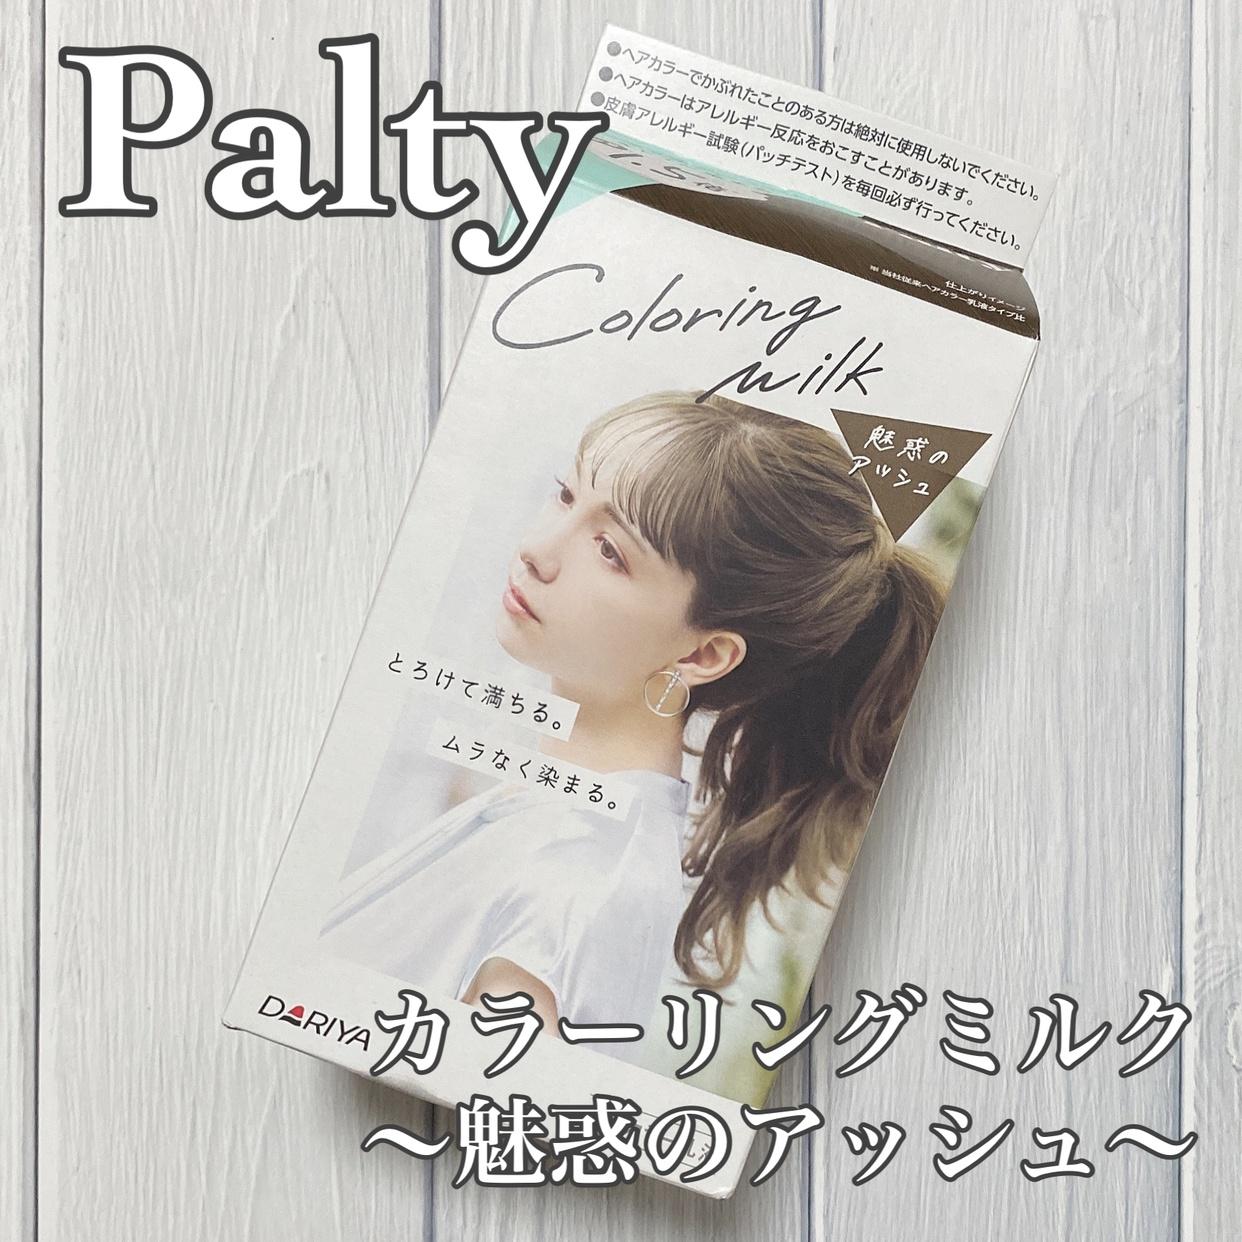 Palty(パルティ)カラーリングミルクを使った♥ALICE♥さんのクチコミ画像1